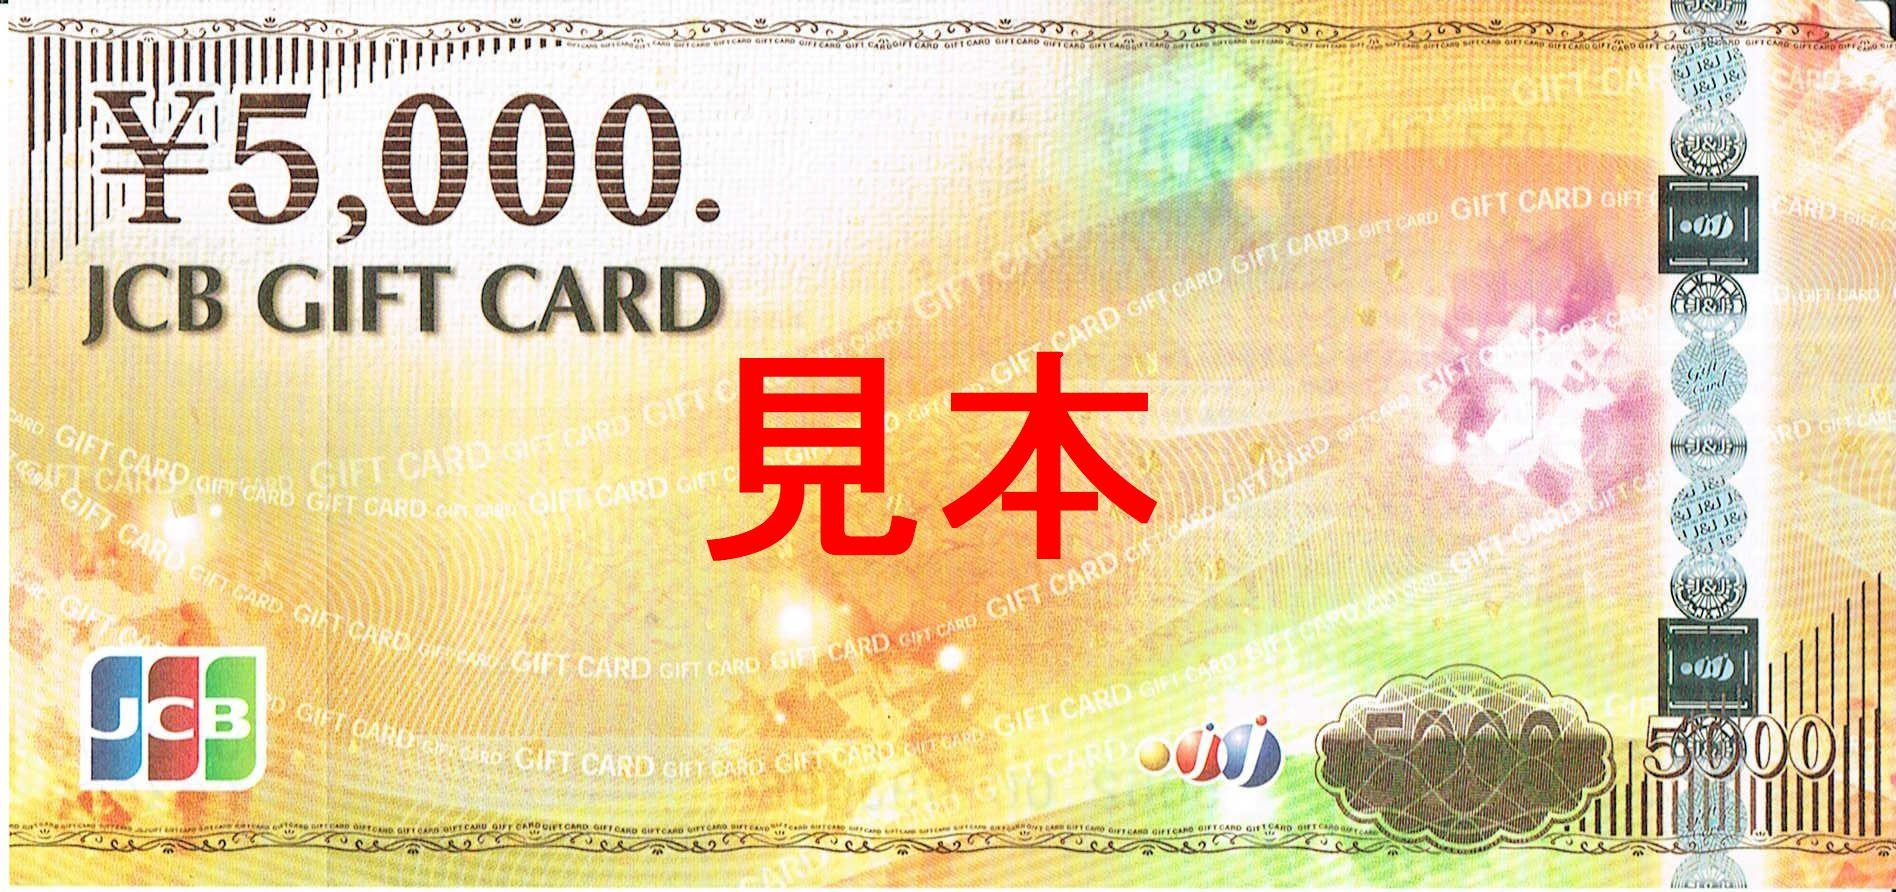 商品名「商品券・金券」「JCBギフトカード5,000円」